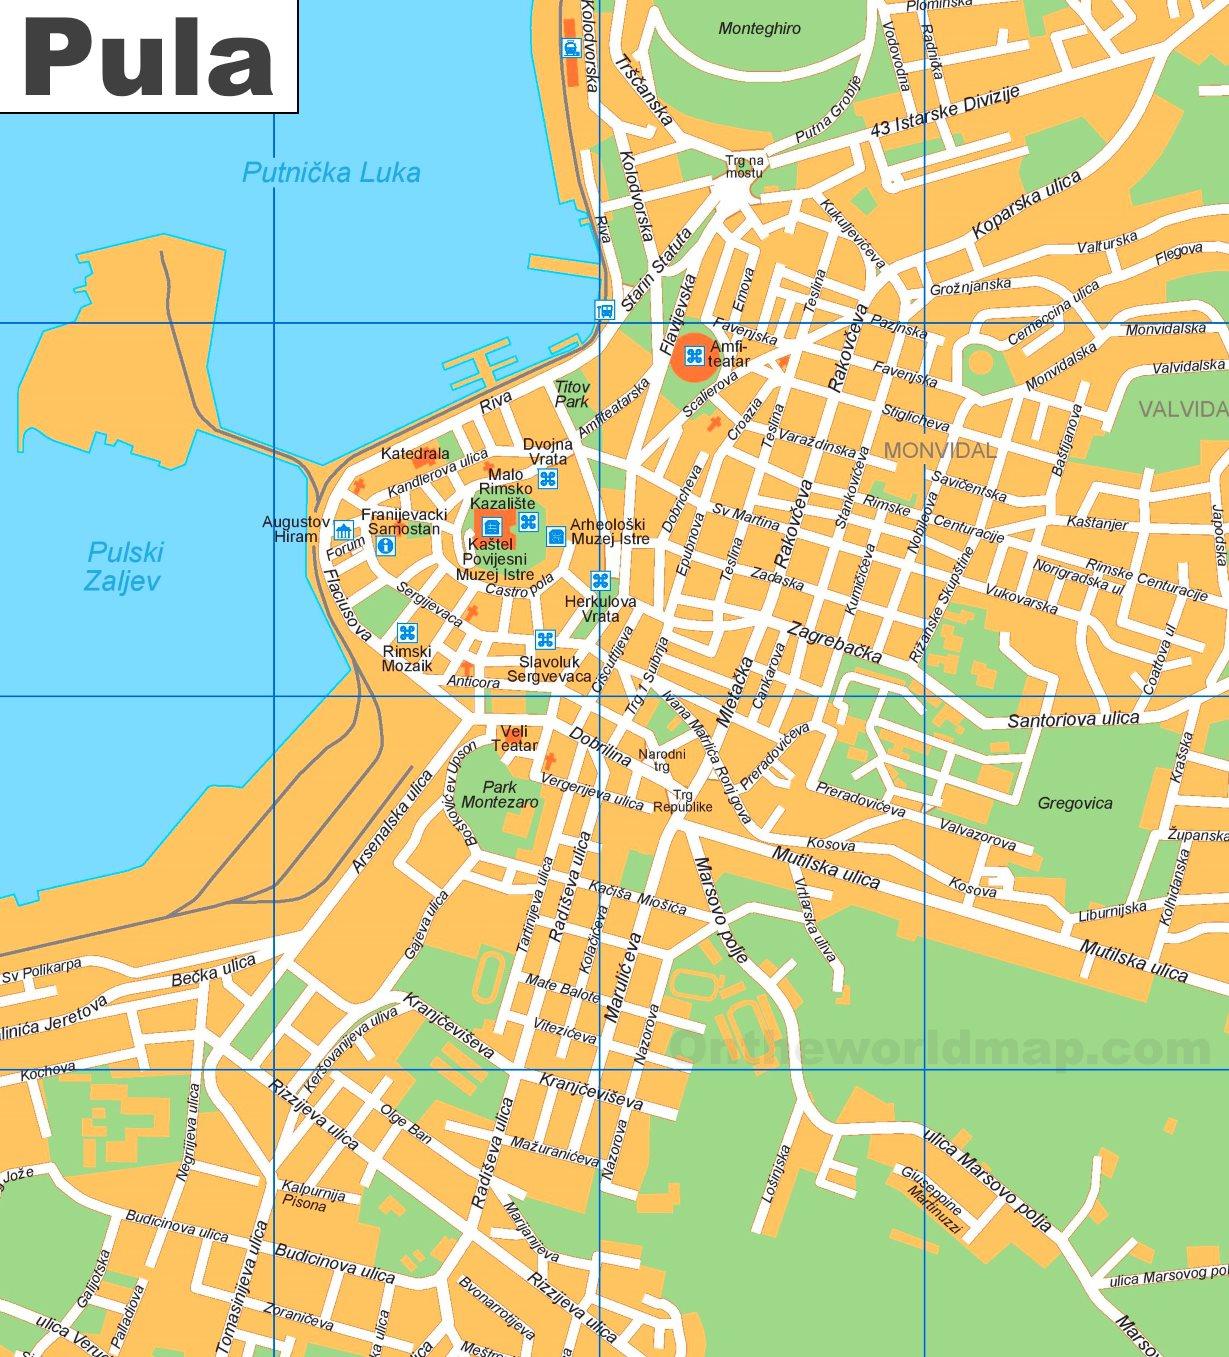 Pula Tourist Map